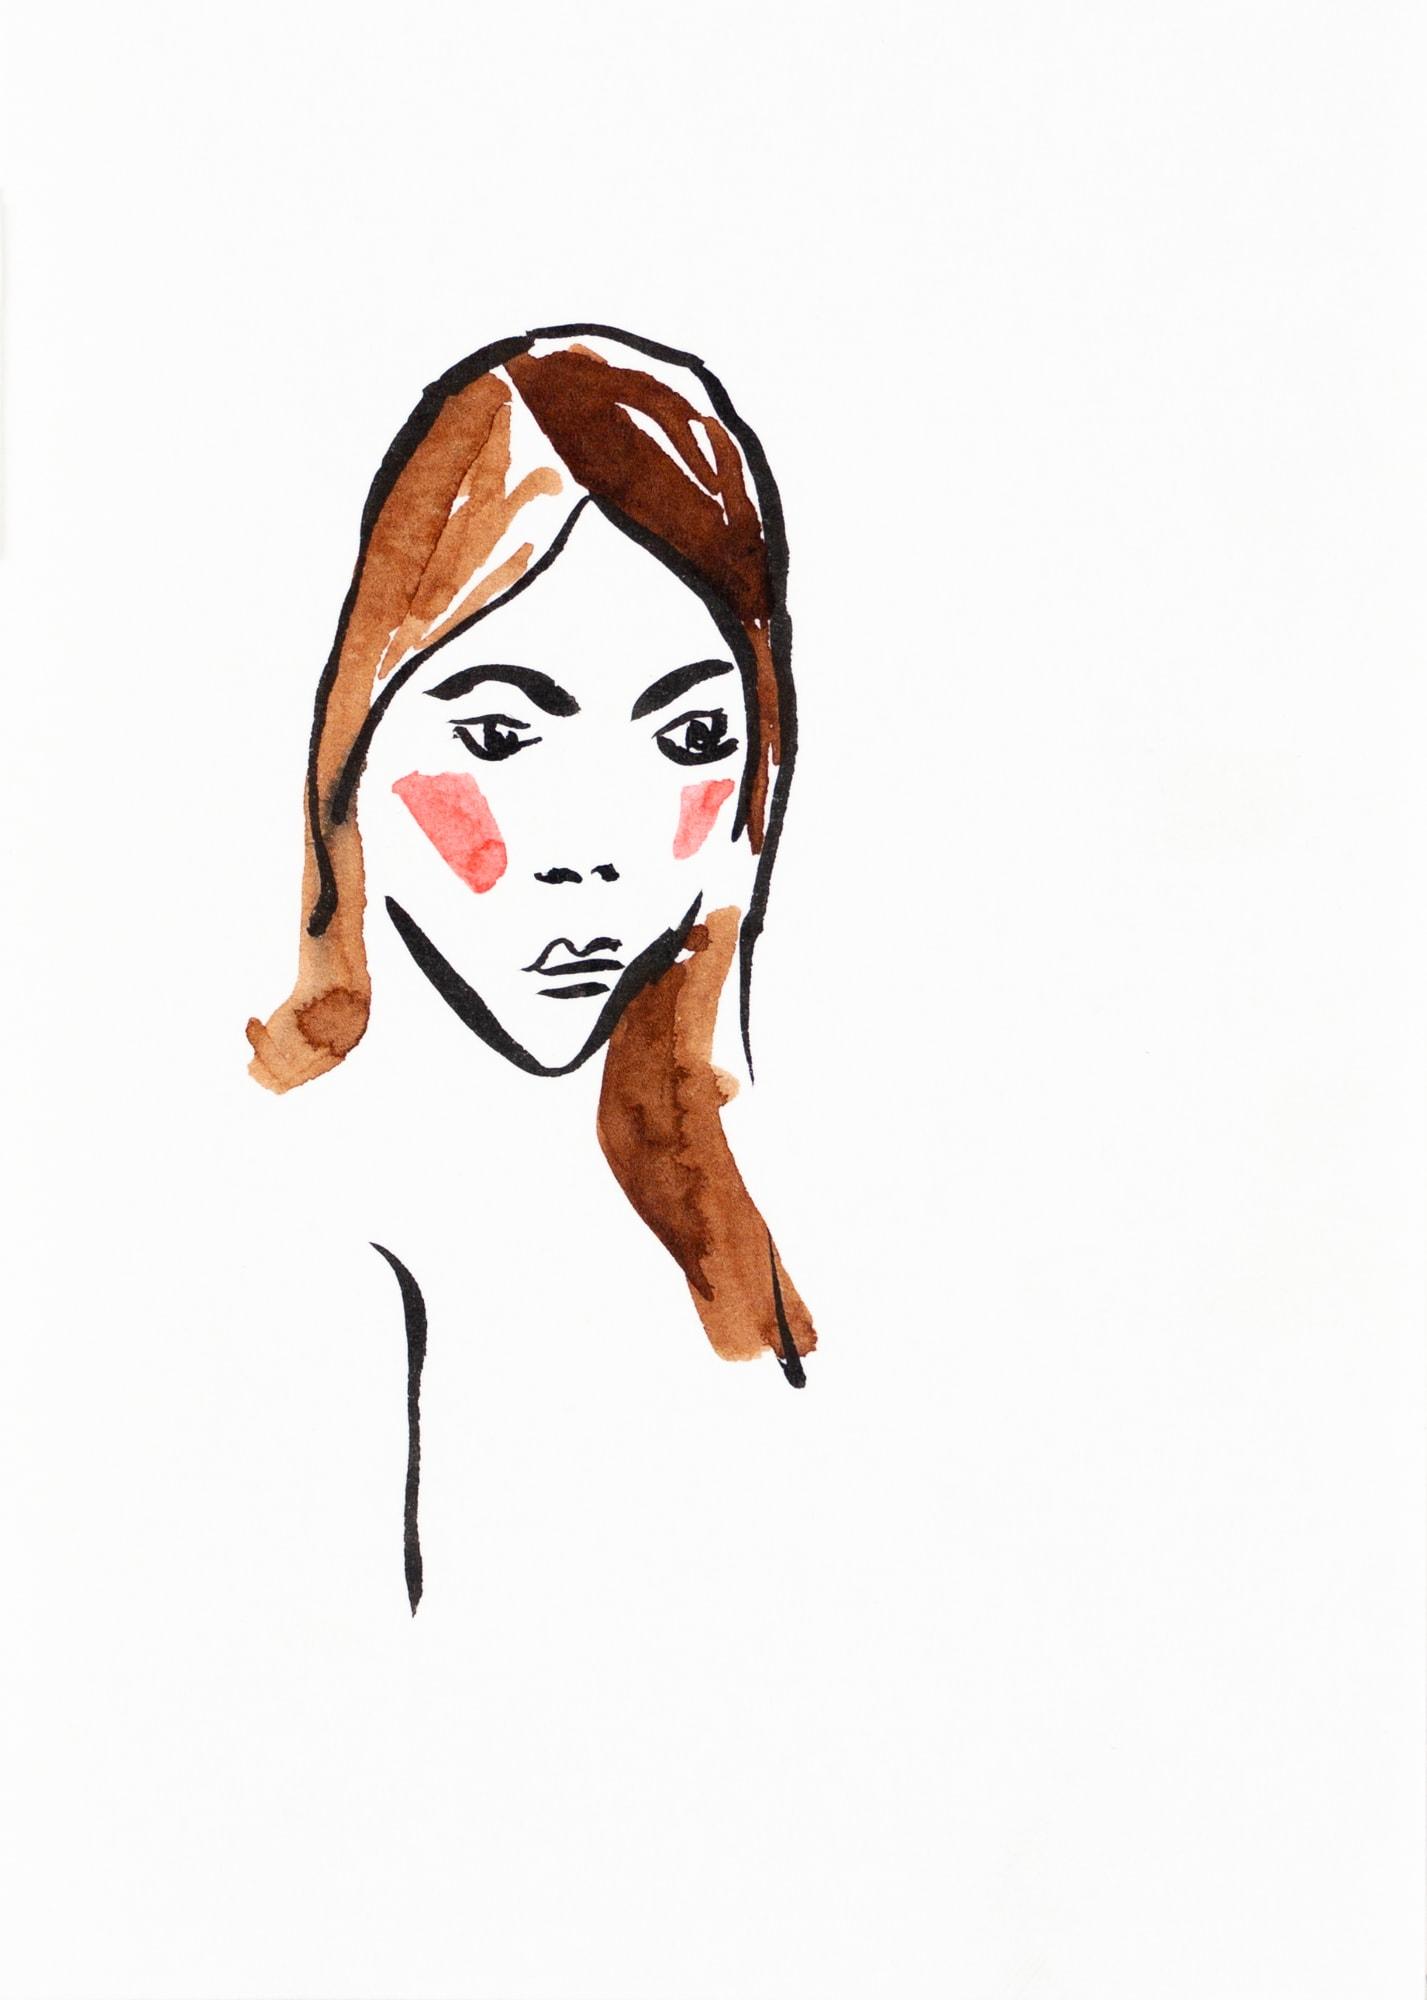 Zeichnung, Tusche auf Postkarte, 10,5x14,8cm, Frauenakt, Künstlerin: Franziska King